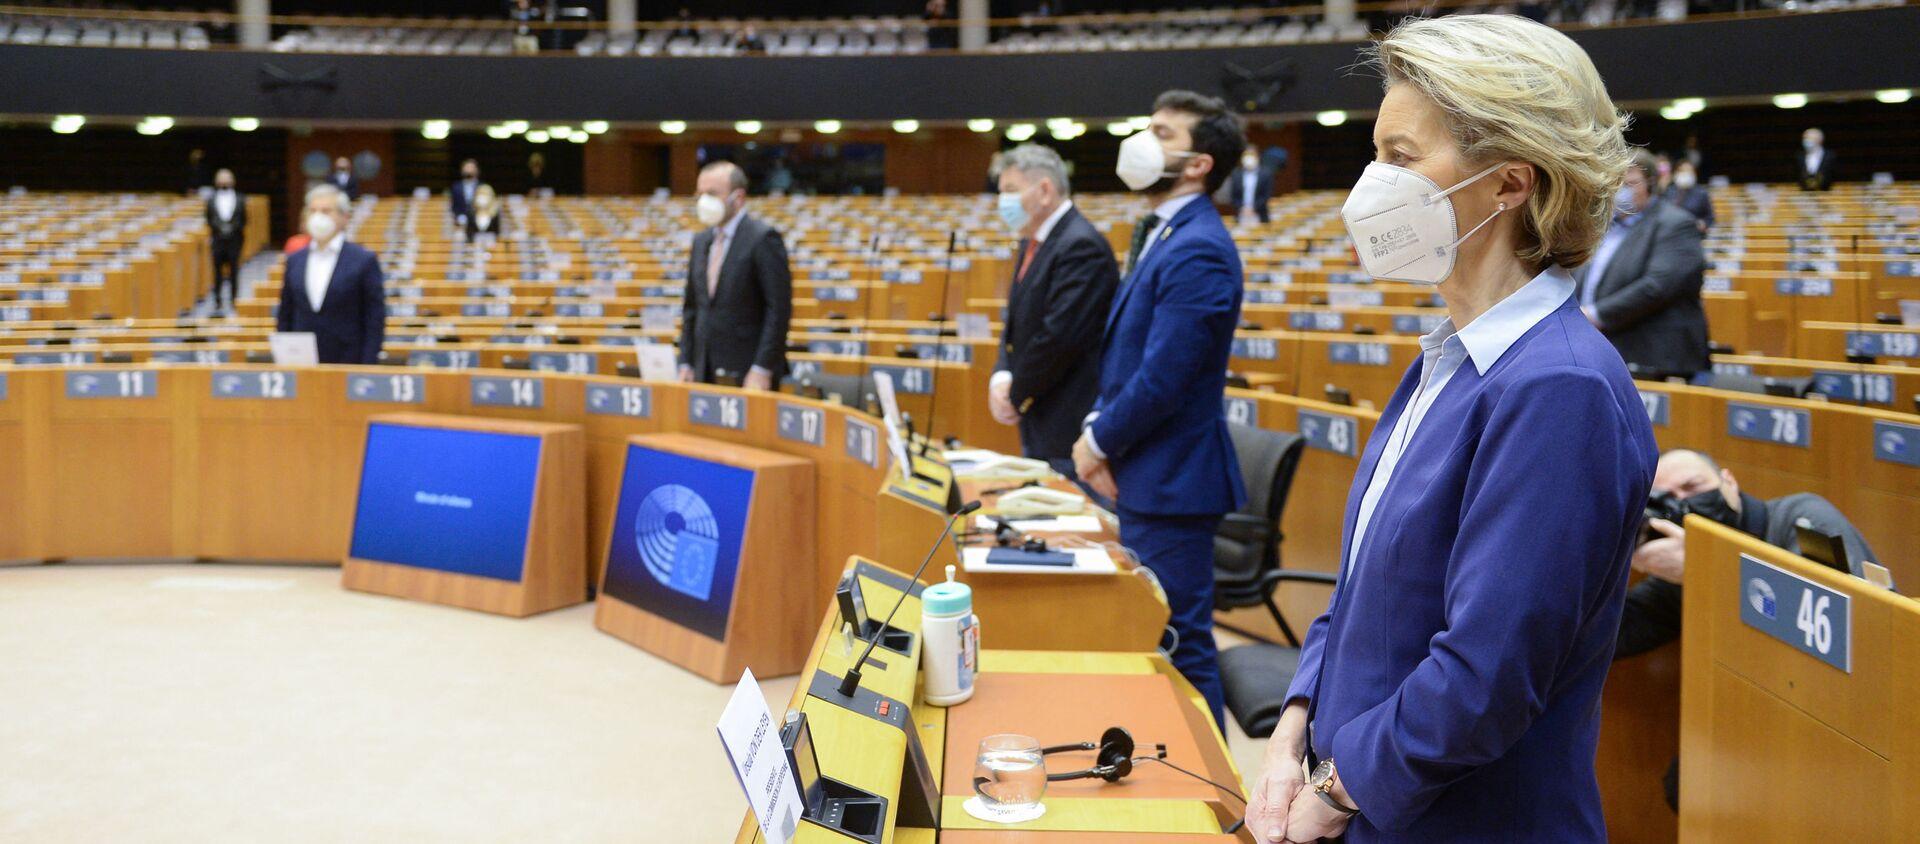 Debata o boji proti koronaviru a evropské strategii očkování v Evropském parlamentu - Sputnik Česká republika, 1920, 15.02.2021